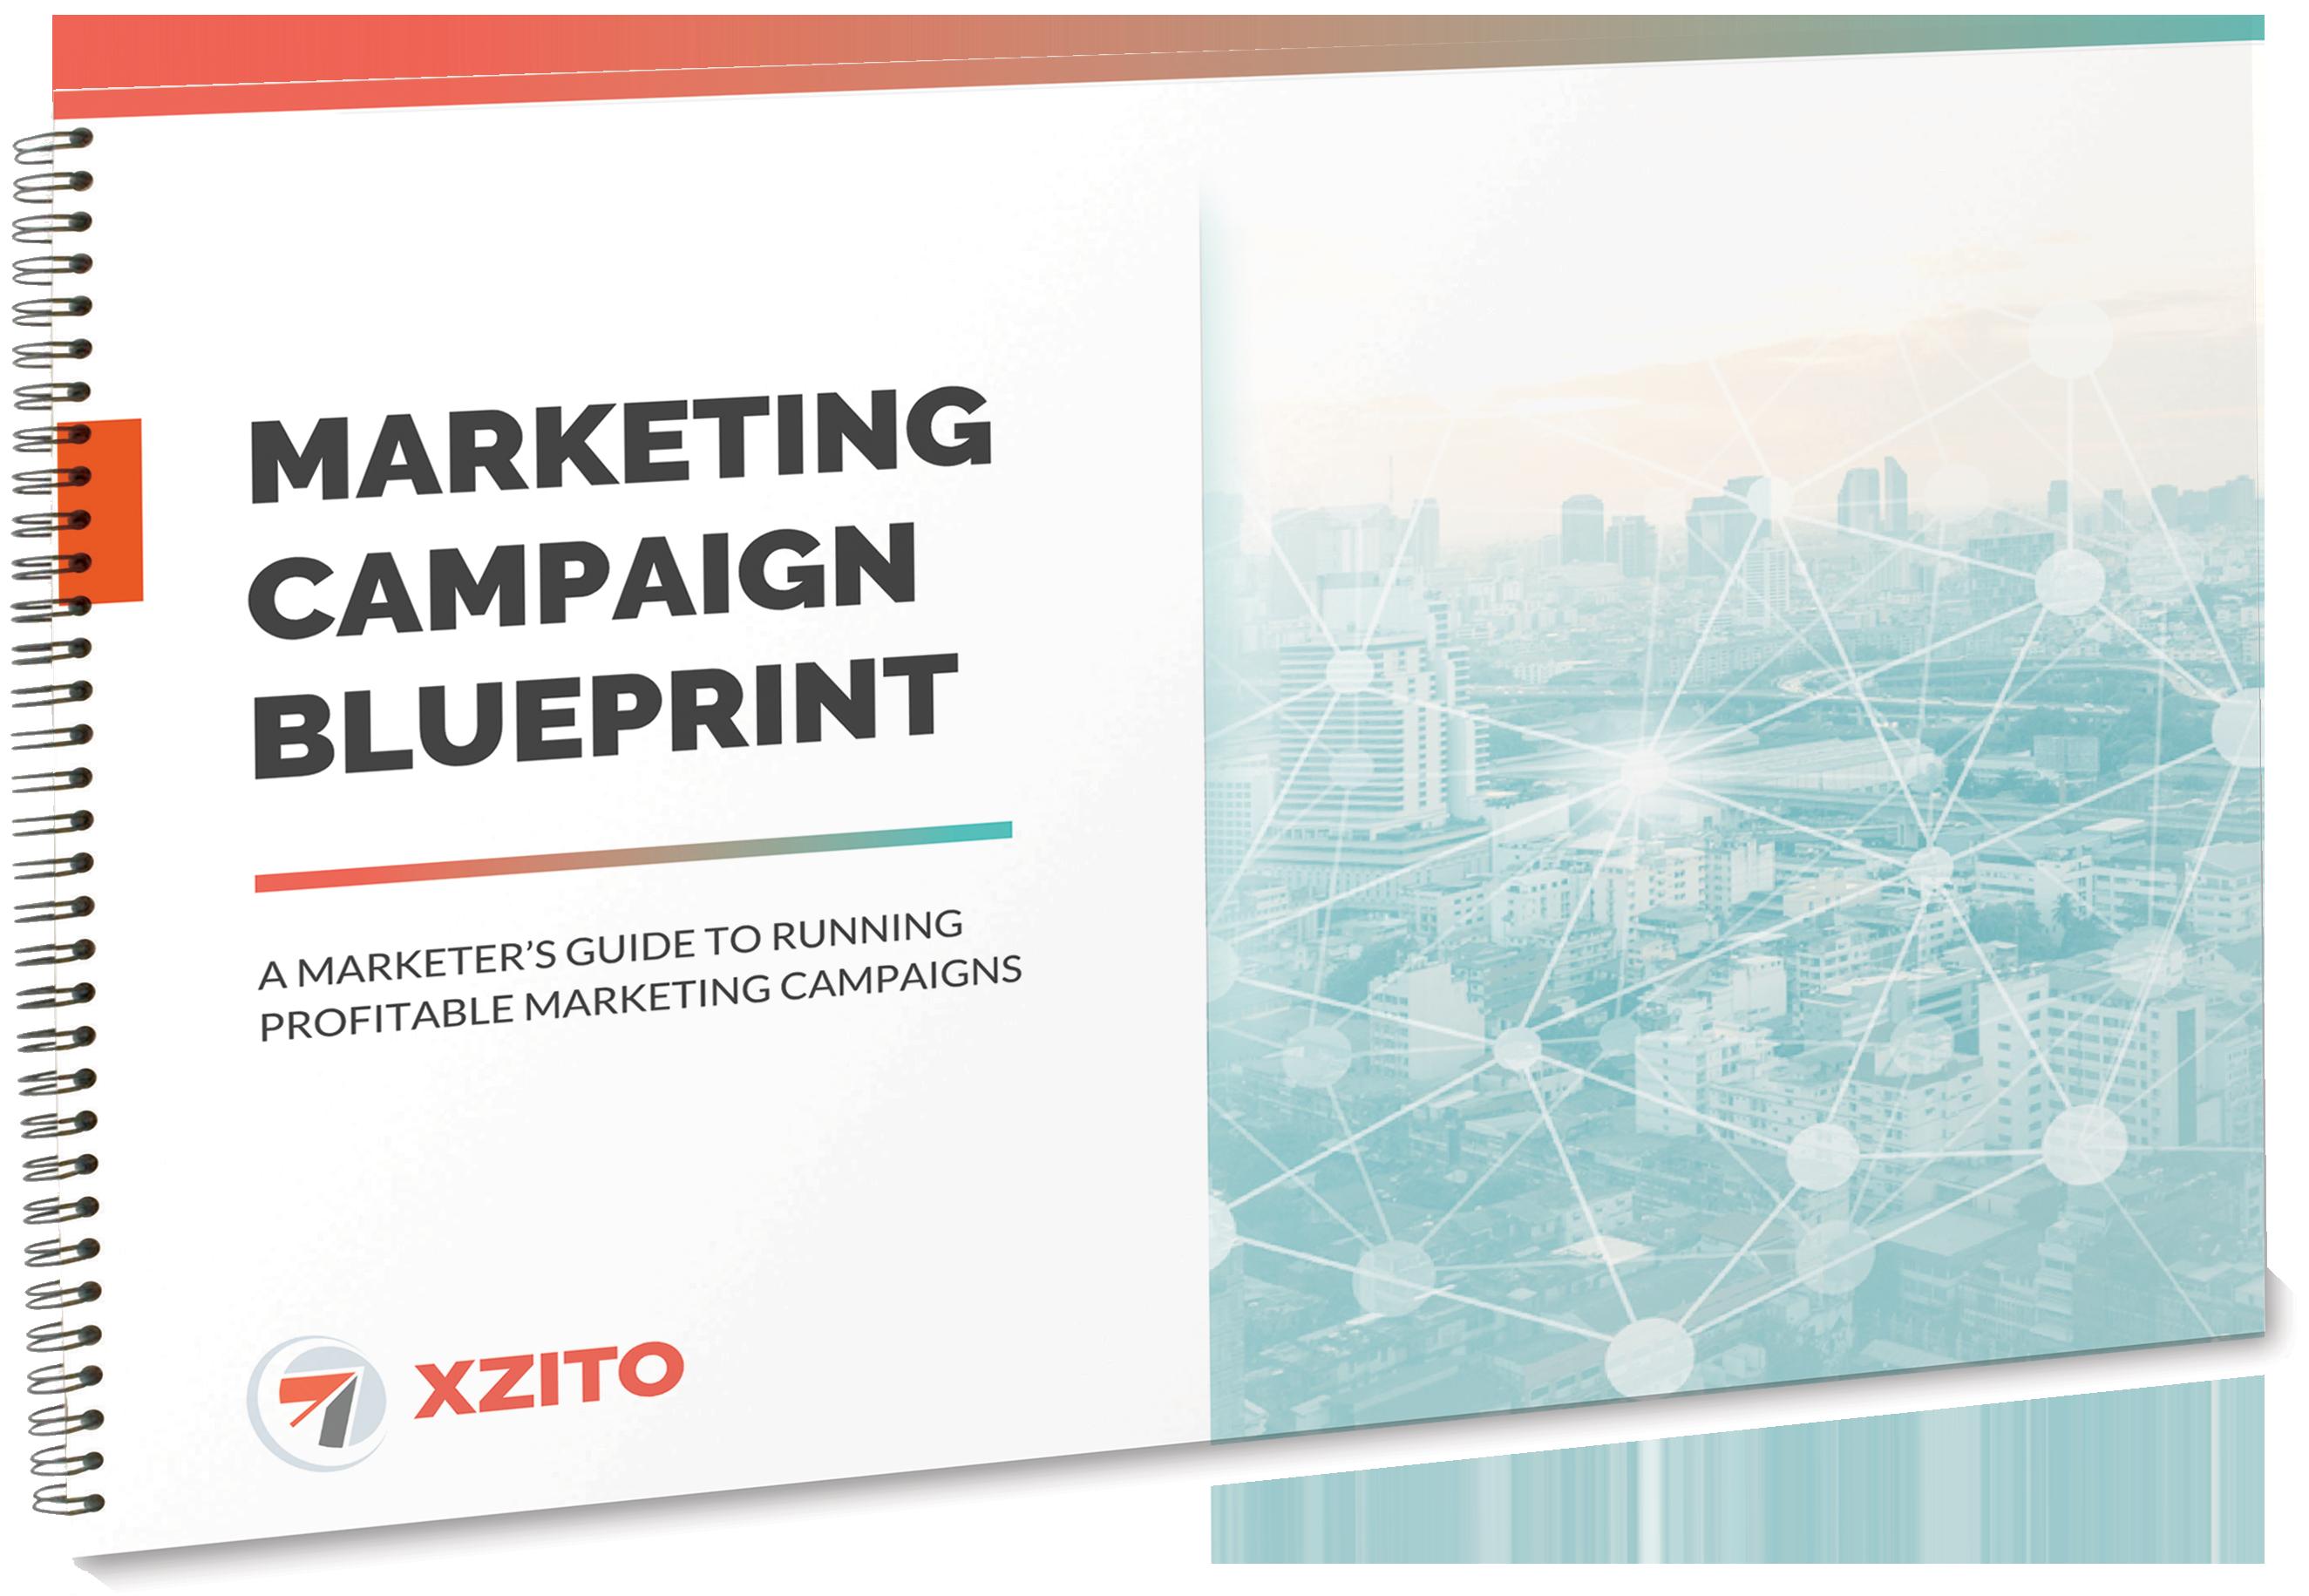 Marketing-Campaign-Blueprint-LP-image-2.png